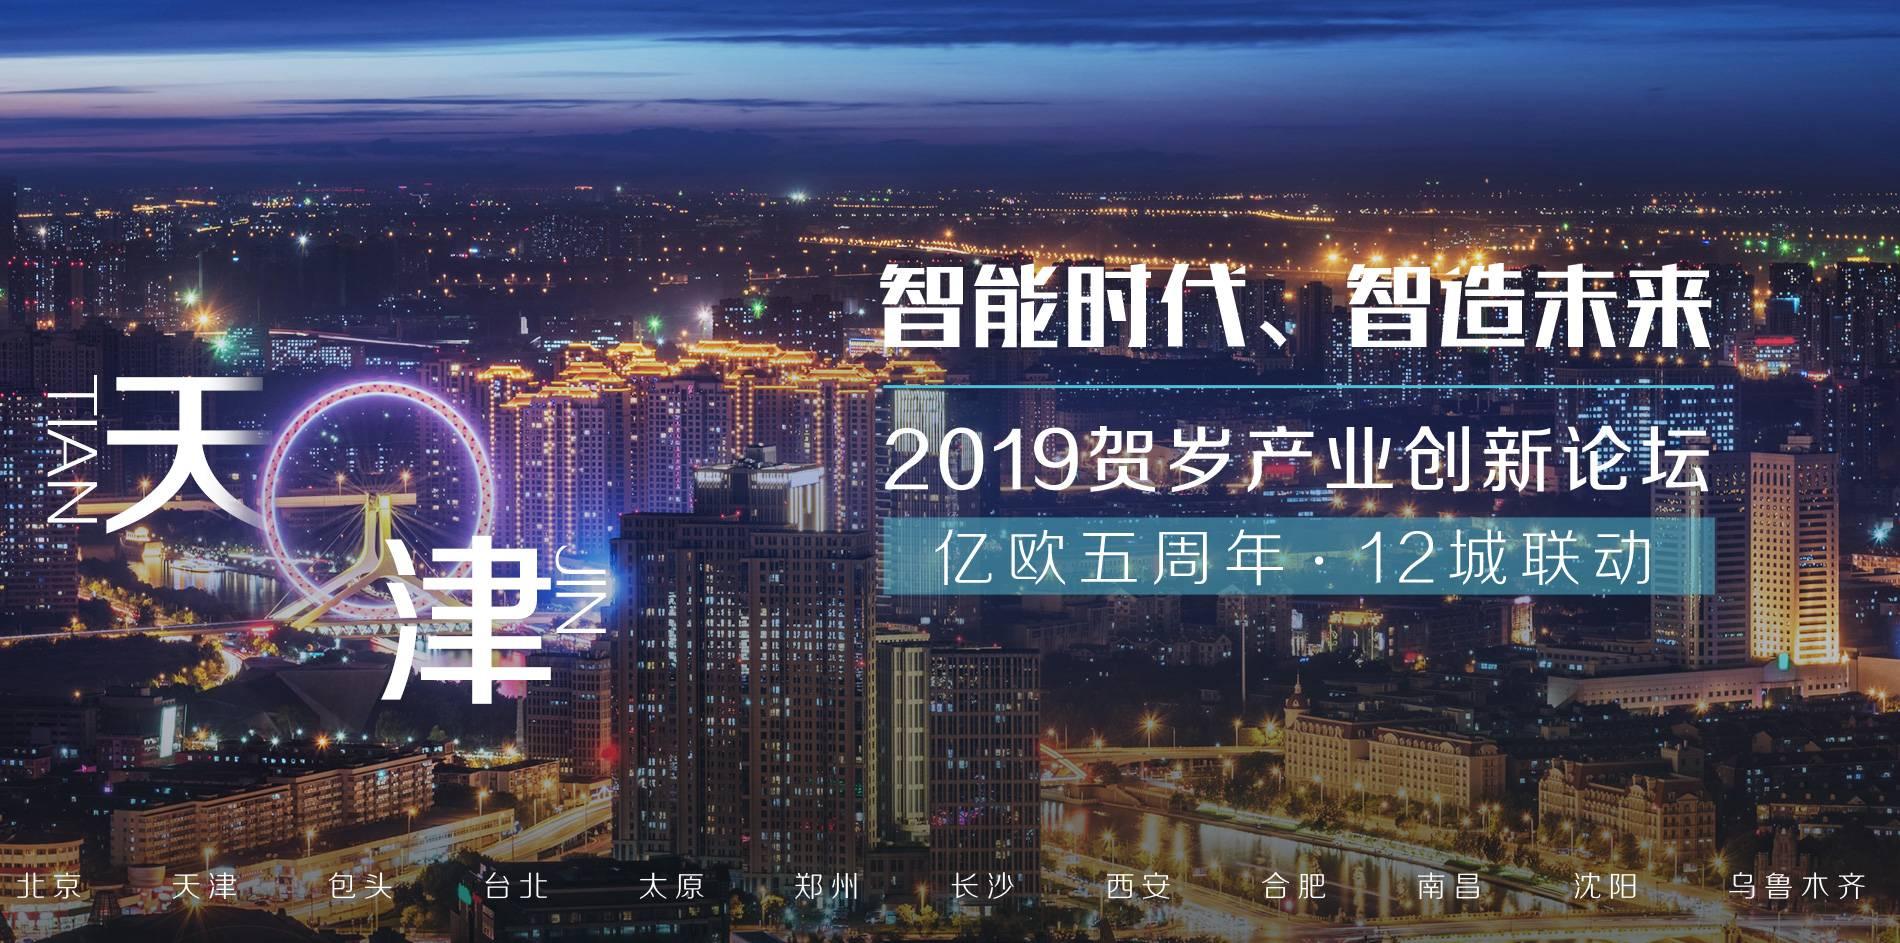 【活动】【智能时代、智造未来】 2019贺岁产业创新论坛·天津站-亿欧